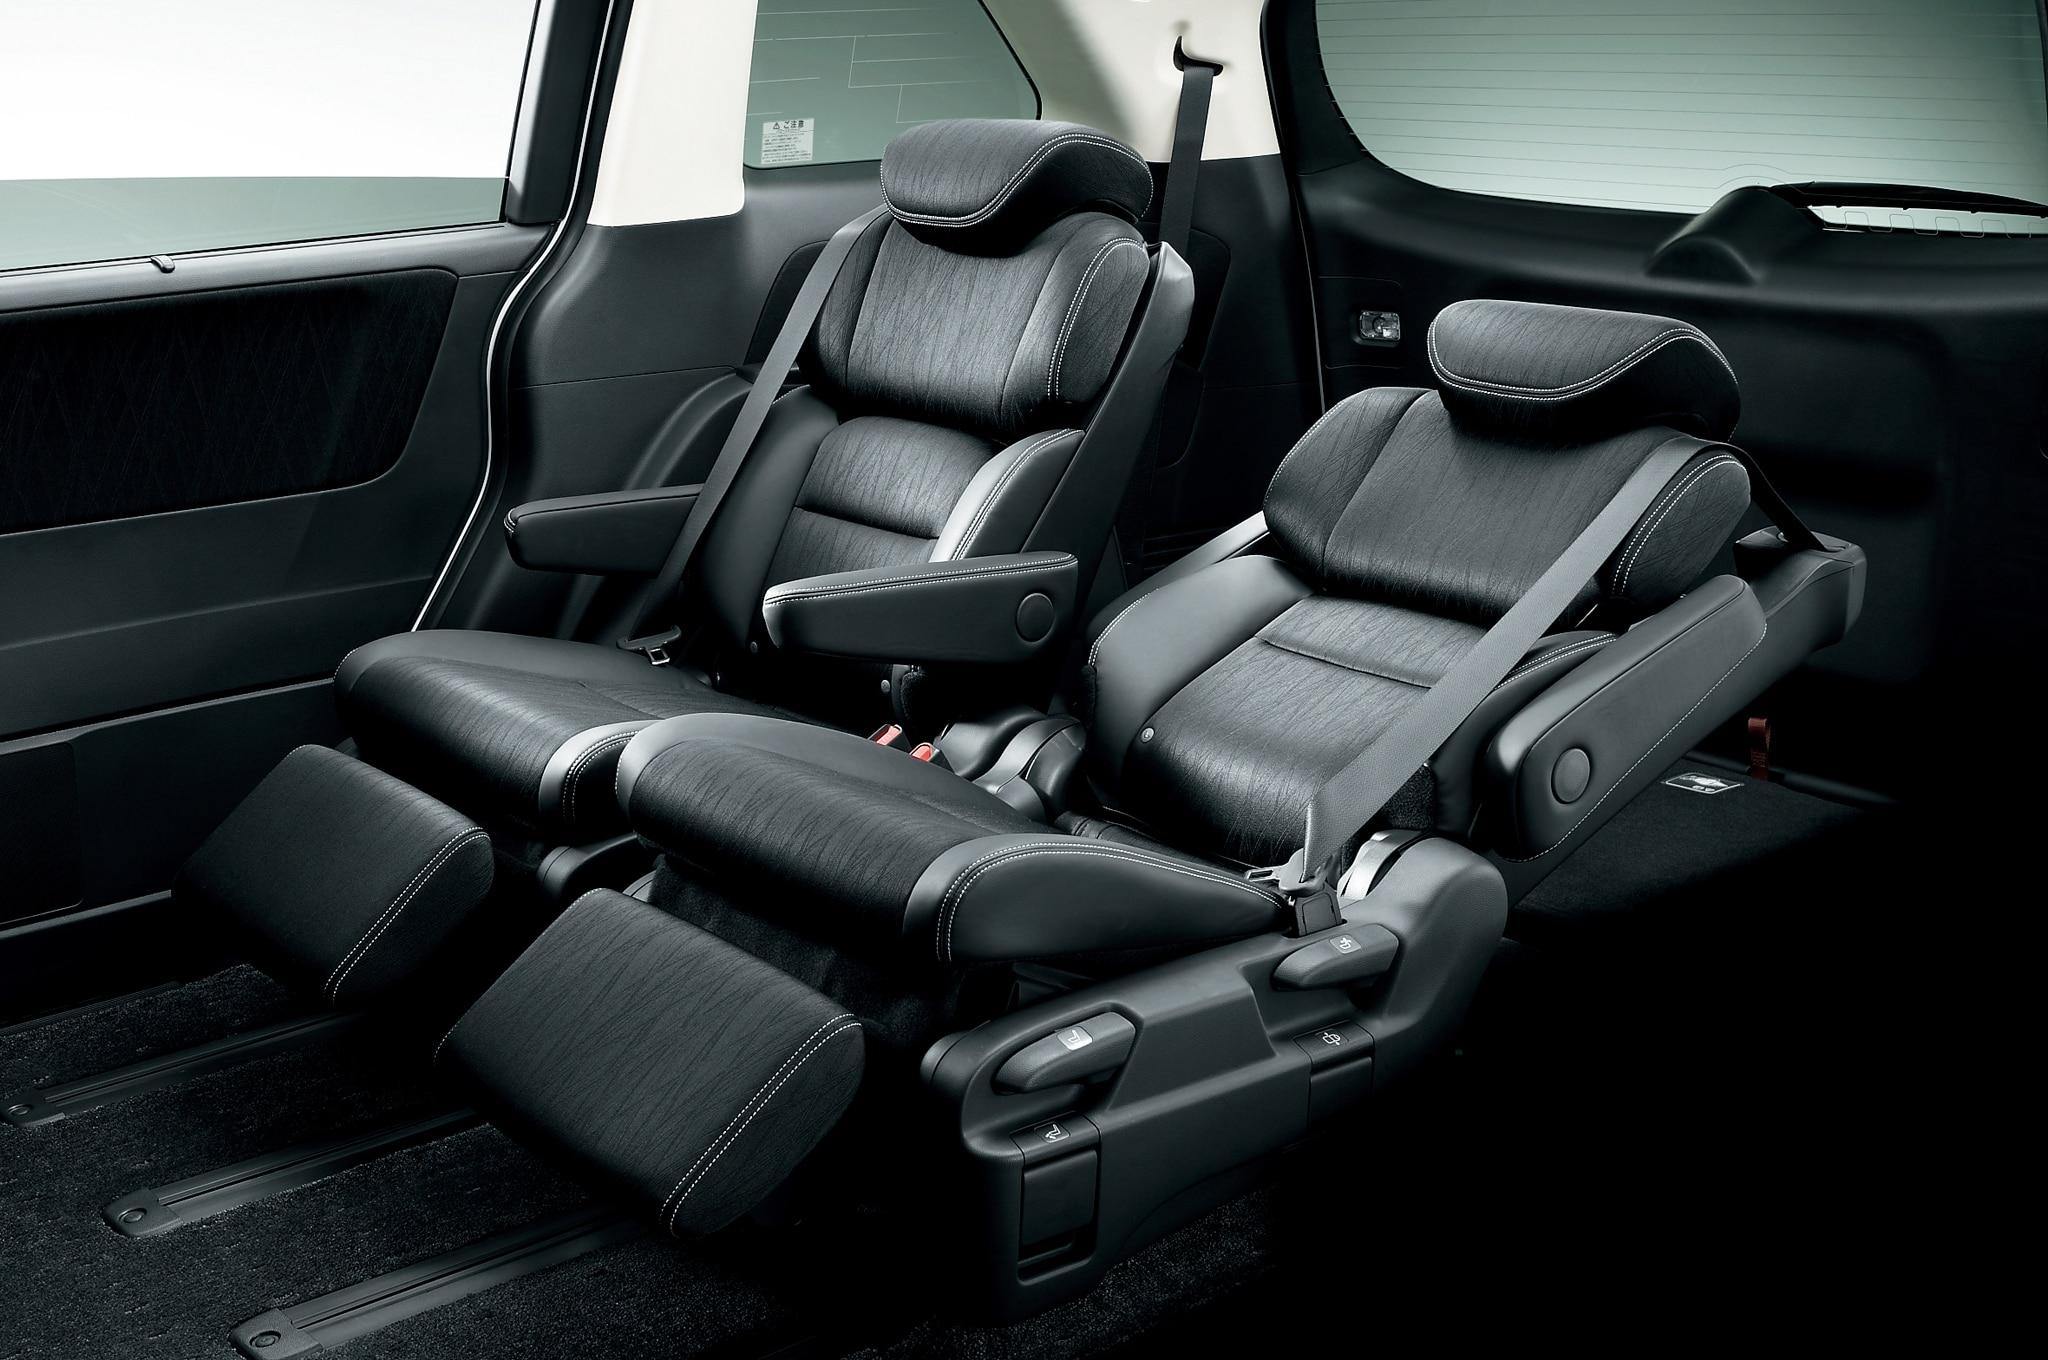 japanese market honda odyssey revealed ForHonda Odyssey Seating